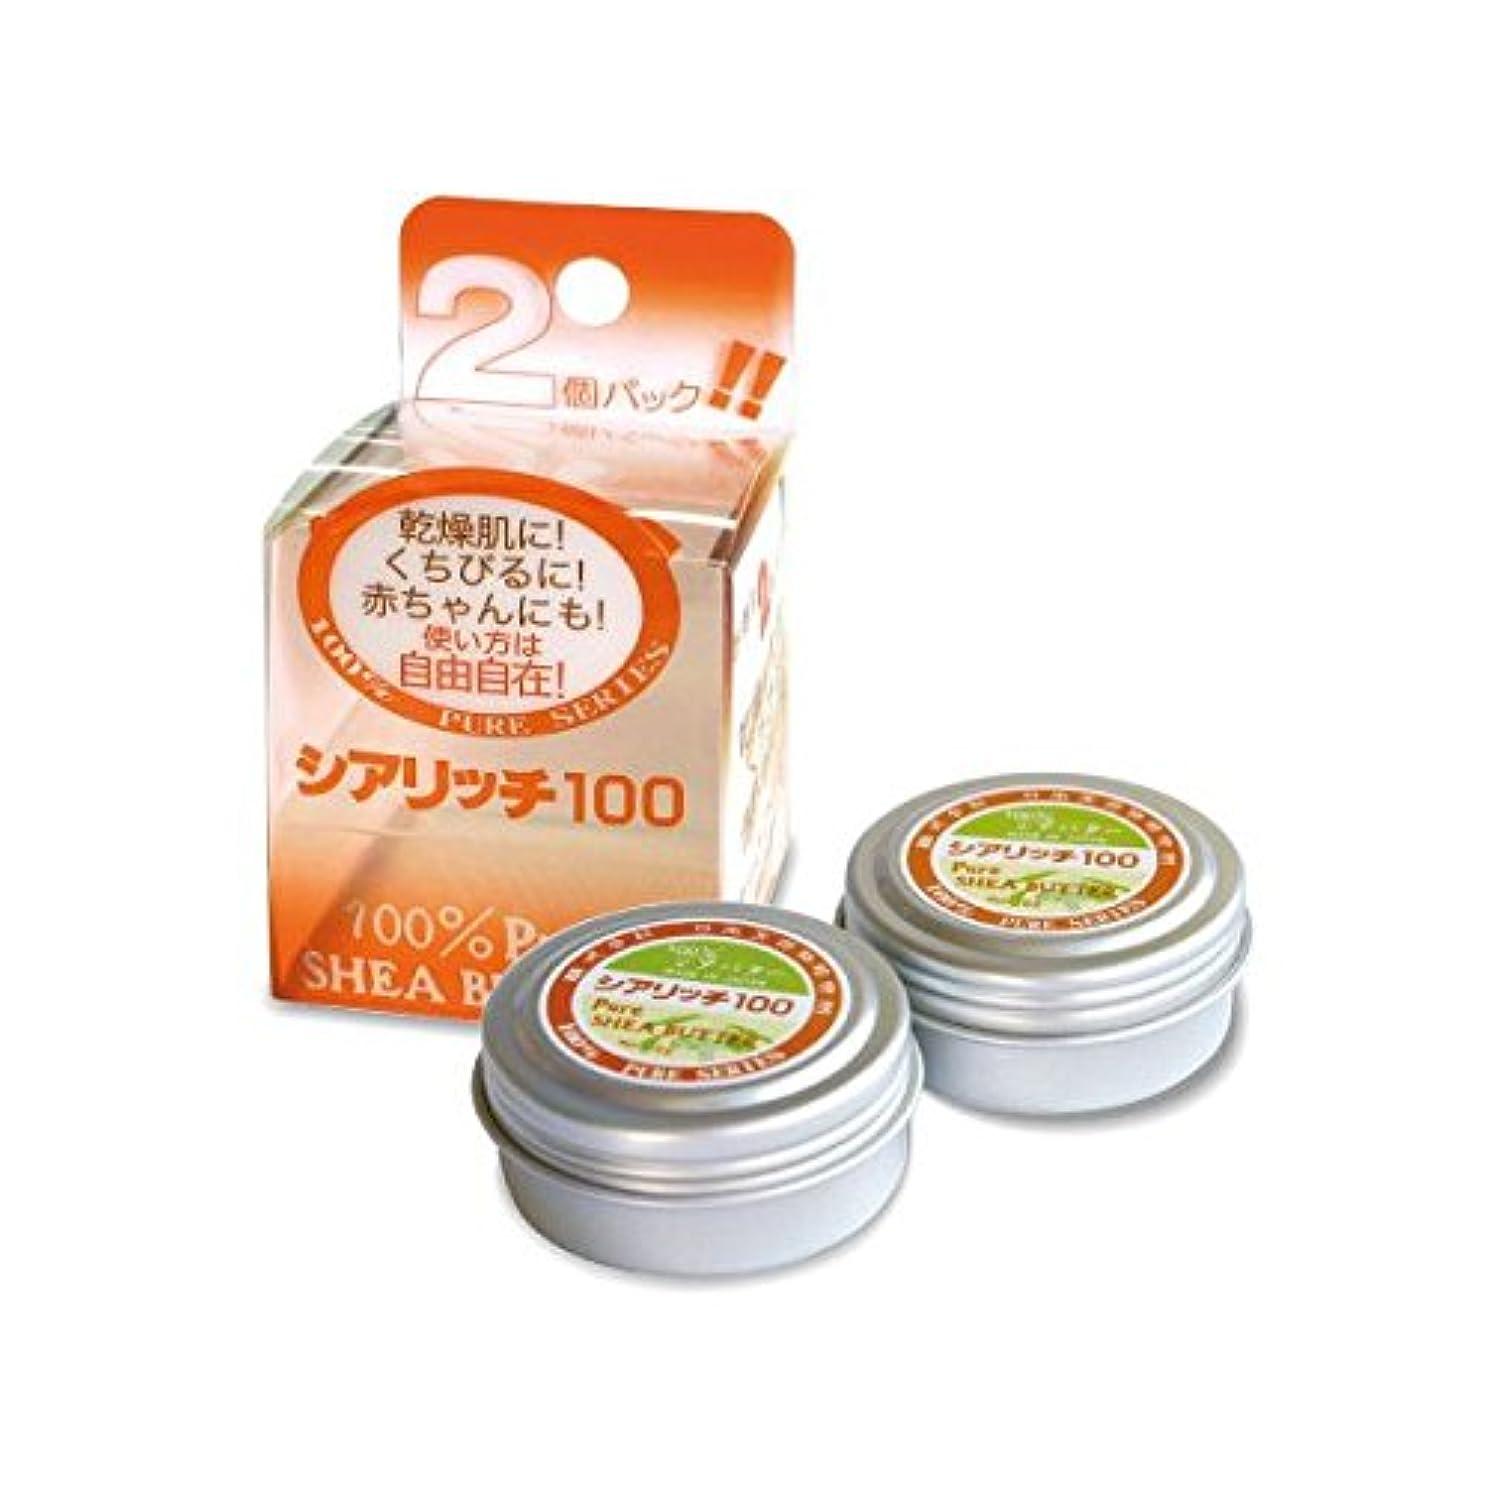 マカダム歩く青写真日本天然物研究所 シアリッチ100 (8g×2個入り)【単品】(無添加100%シアバター)無香料